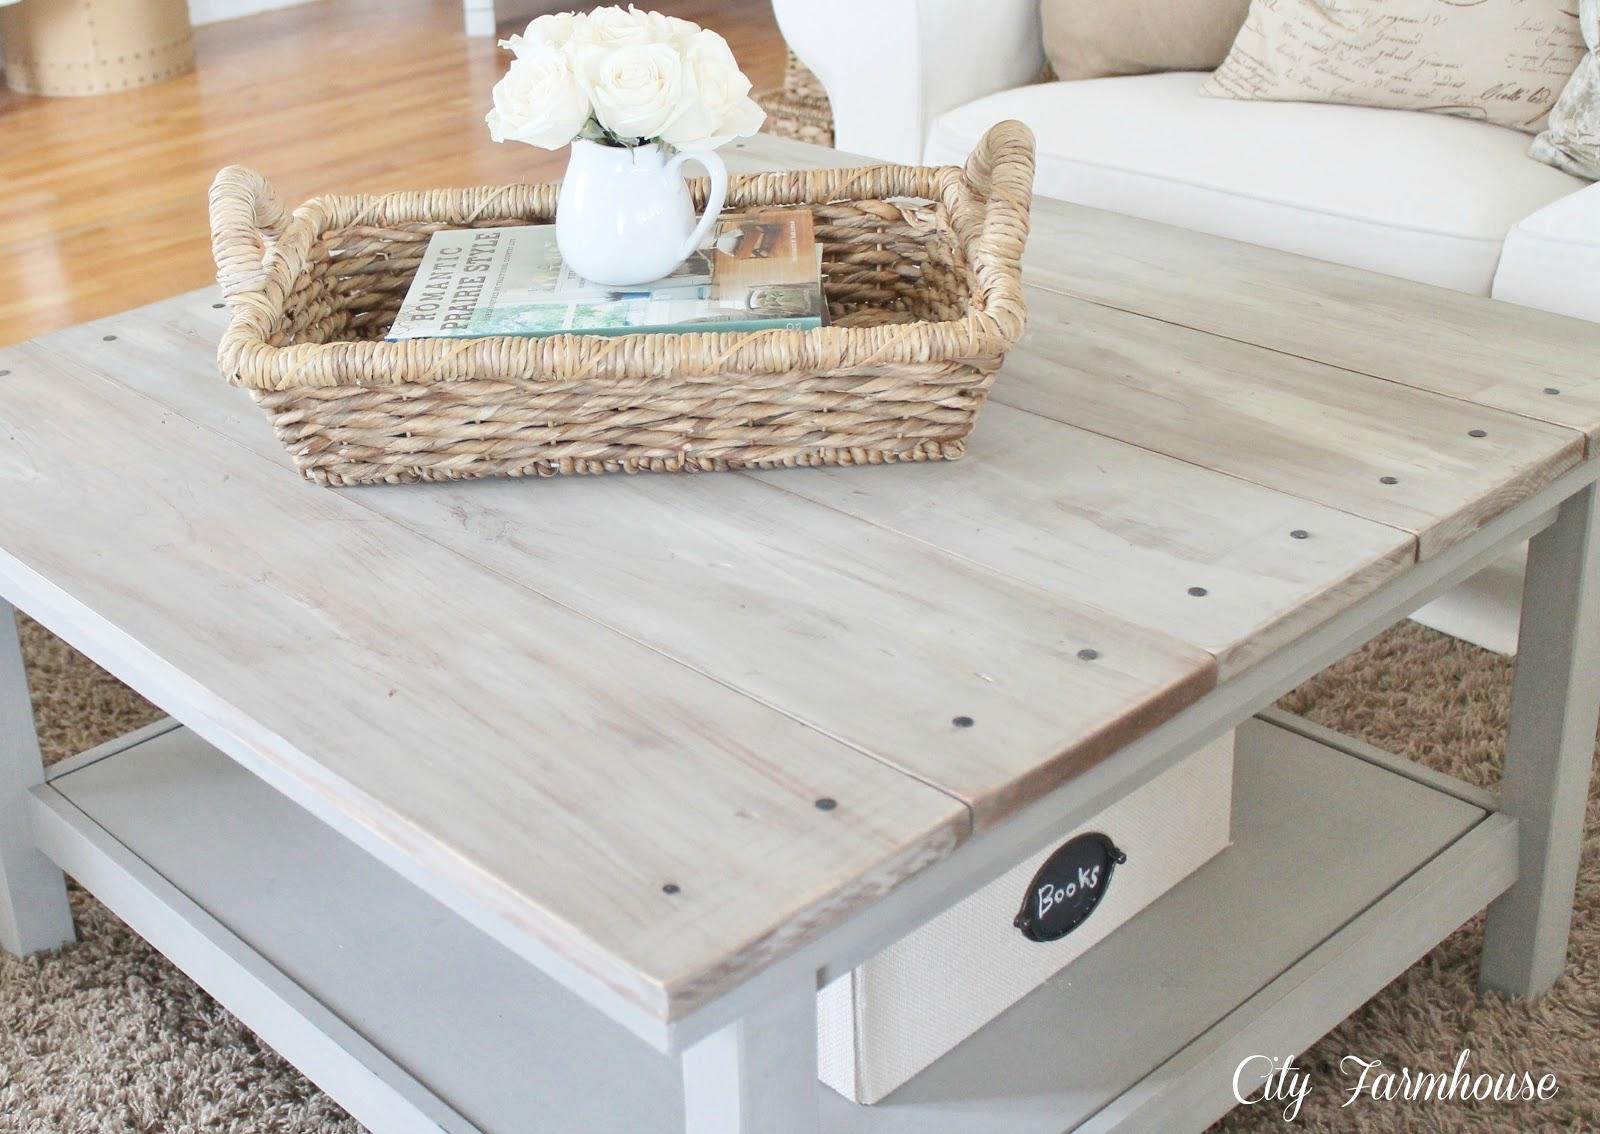 Bien-aimé Inspiration : Relooker une table basse - La Nouvelle Page NJ14